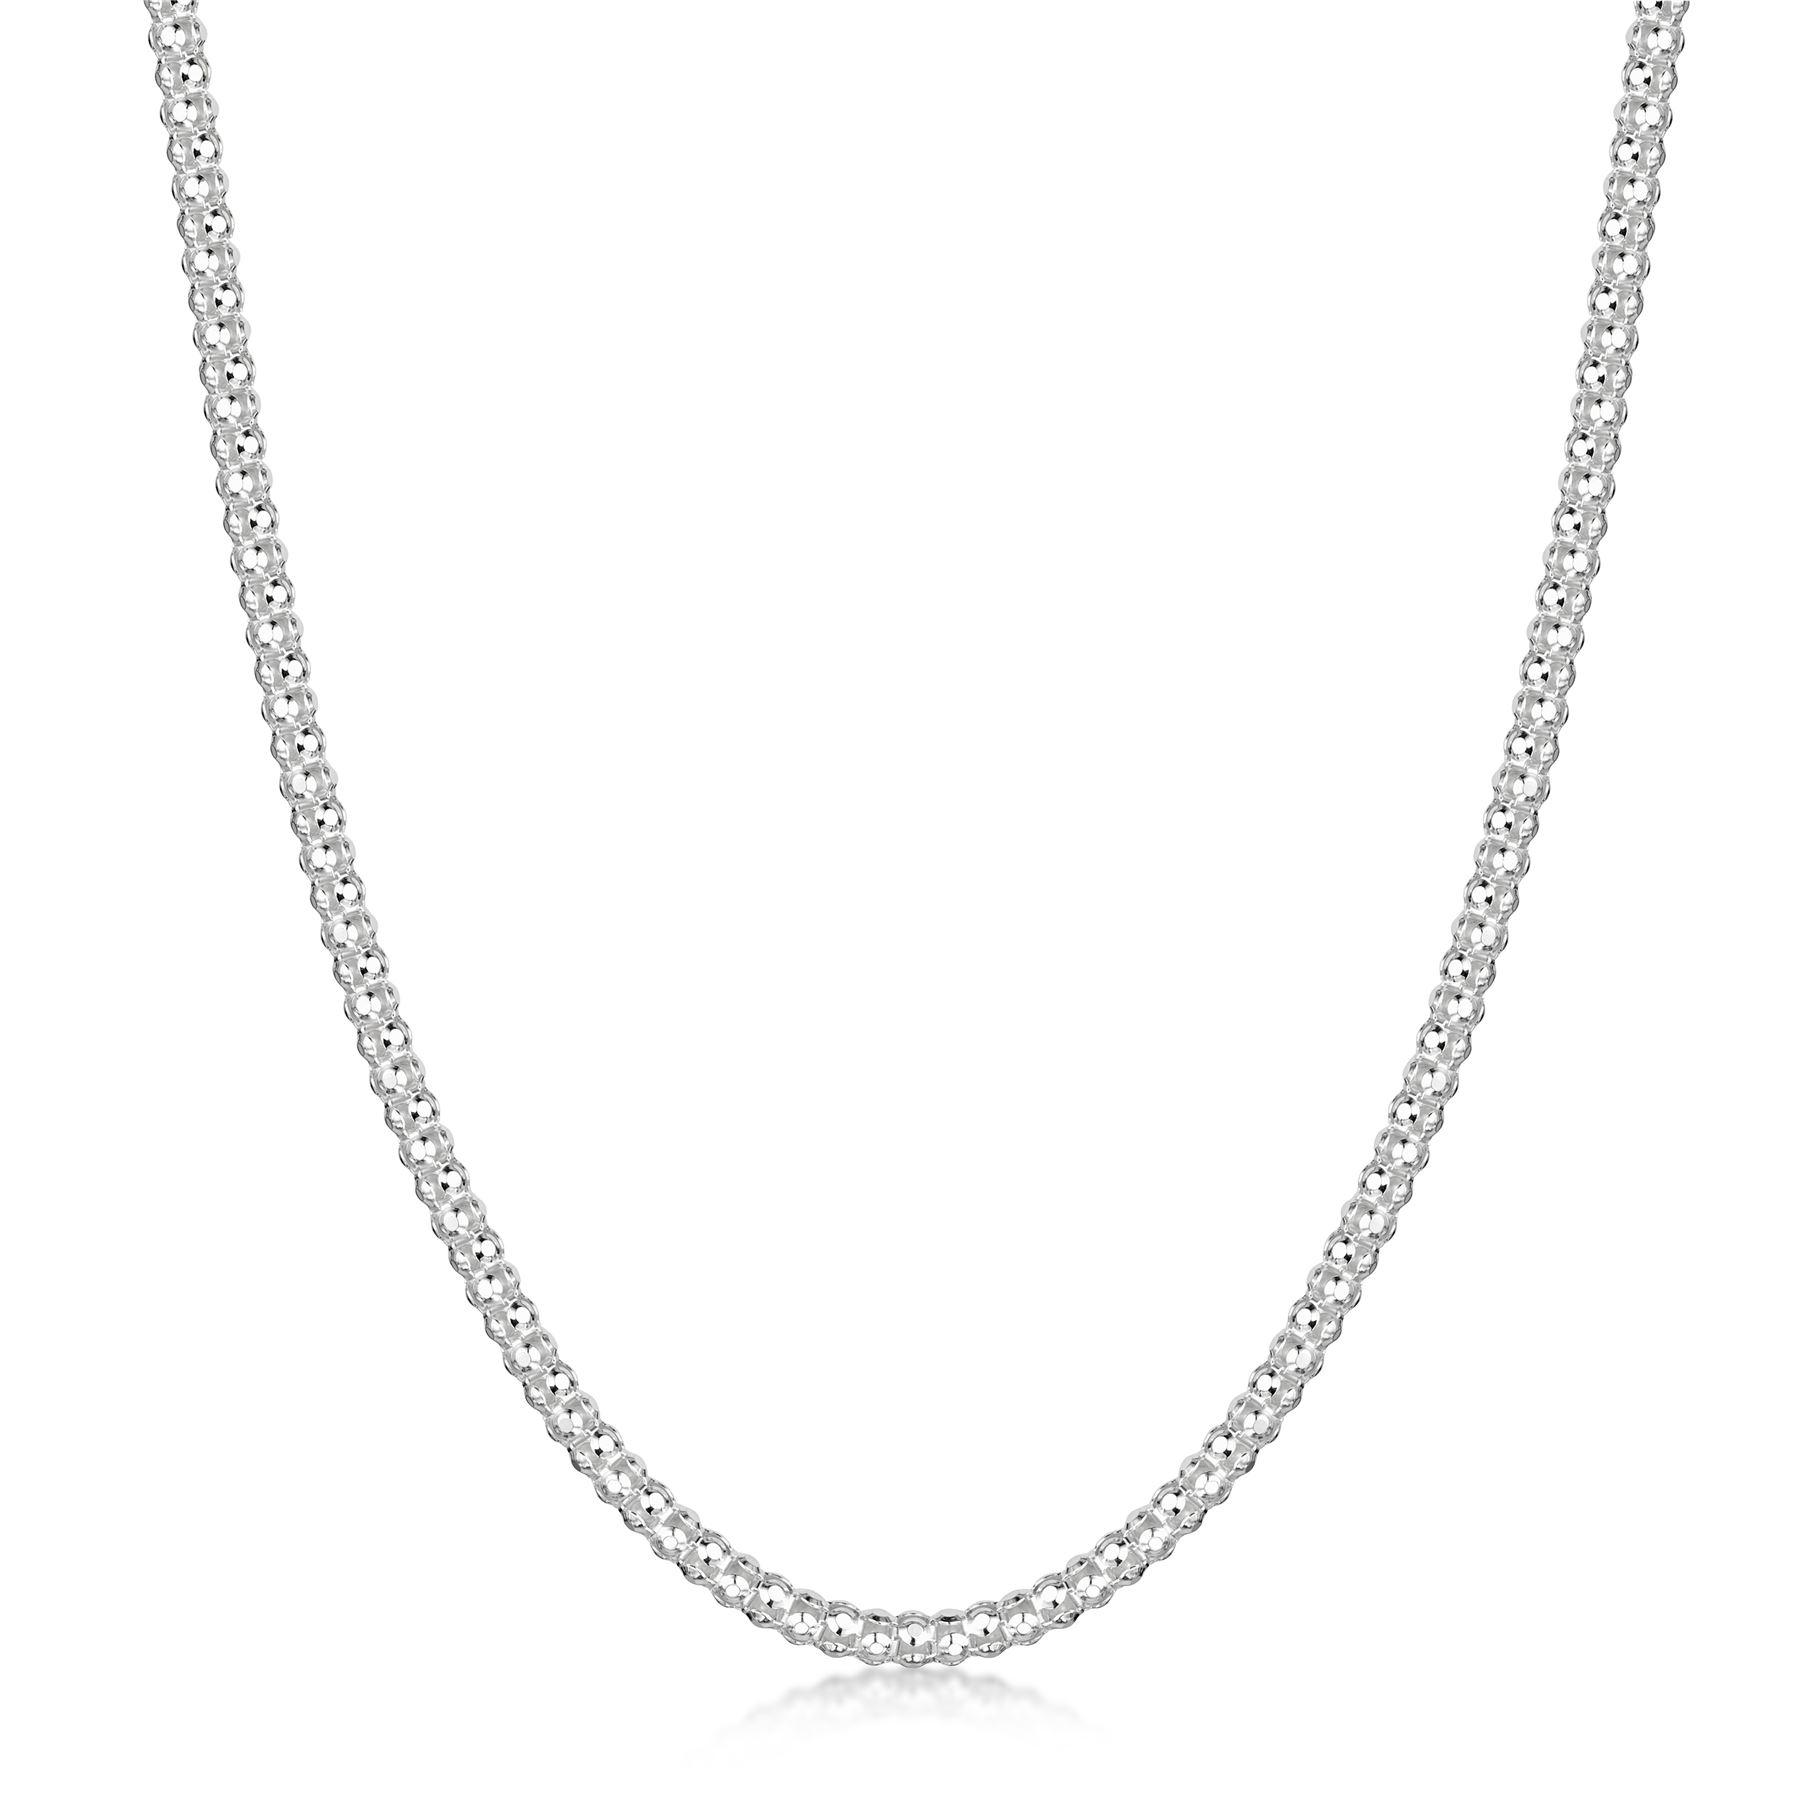 Amberta-Collar-en-Plata-De-Ley-925-Autentica-Cadena-para-Mujer-y-Hombre-Italiana miniatura 111